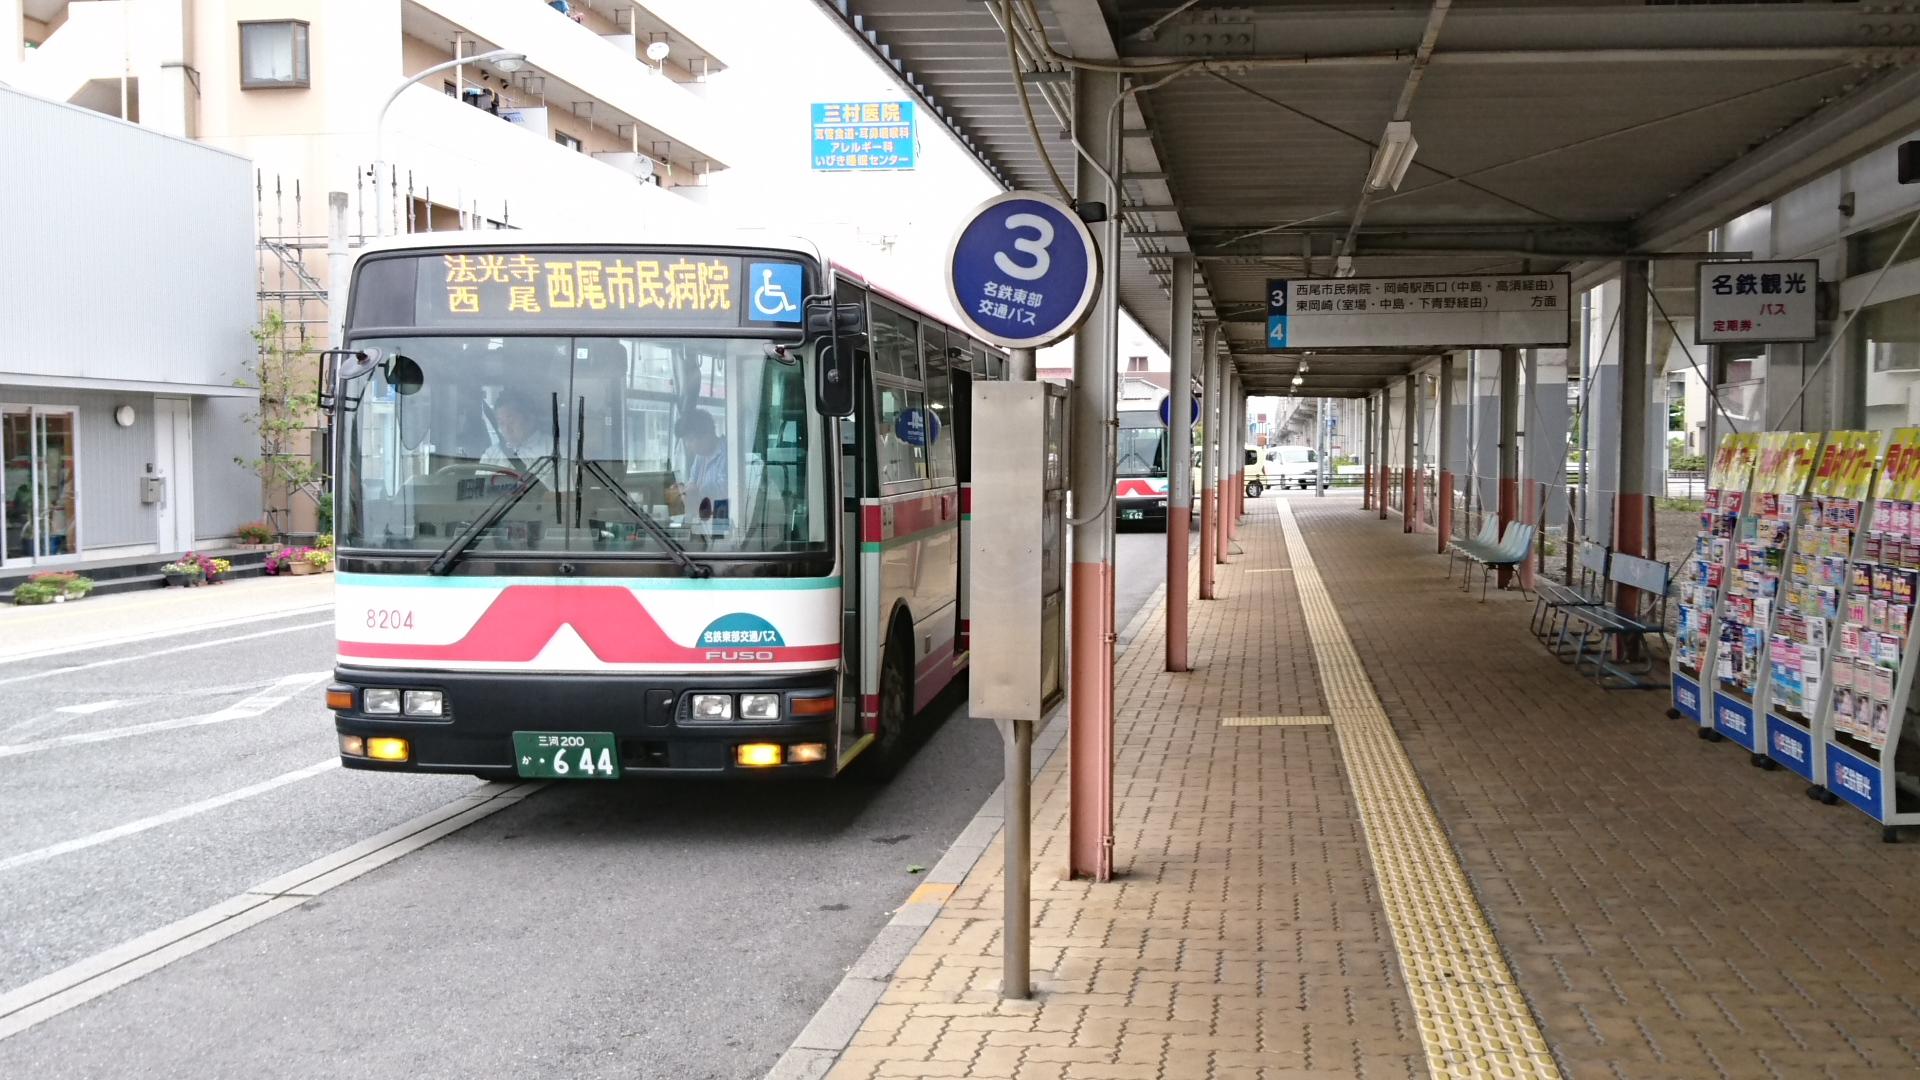 2017.9.27 平坂 (73) 西尾 - 平坂・中畑線バス 1920-1080